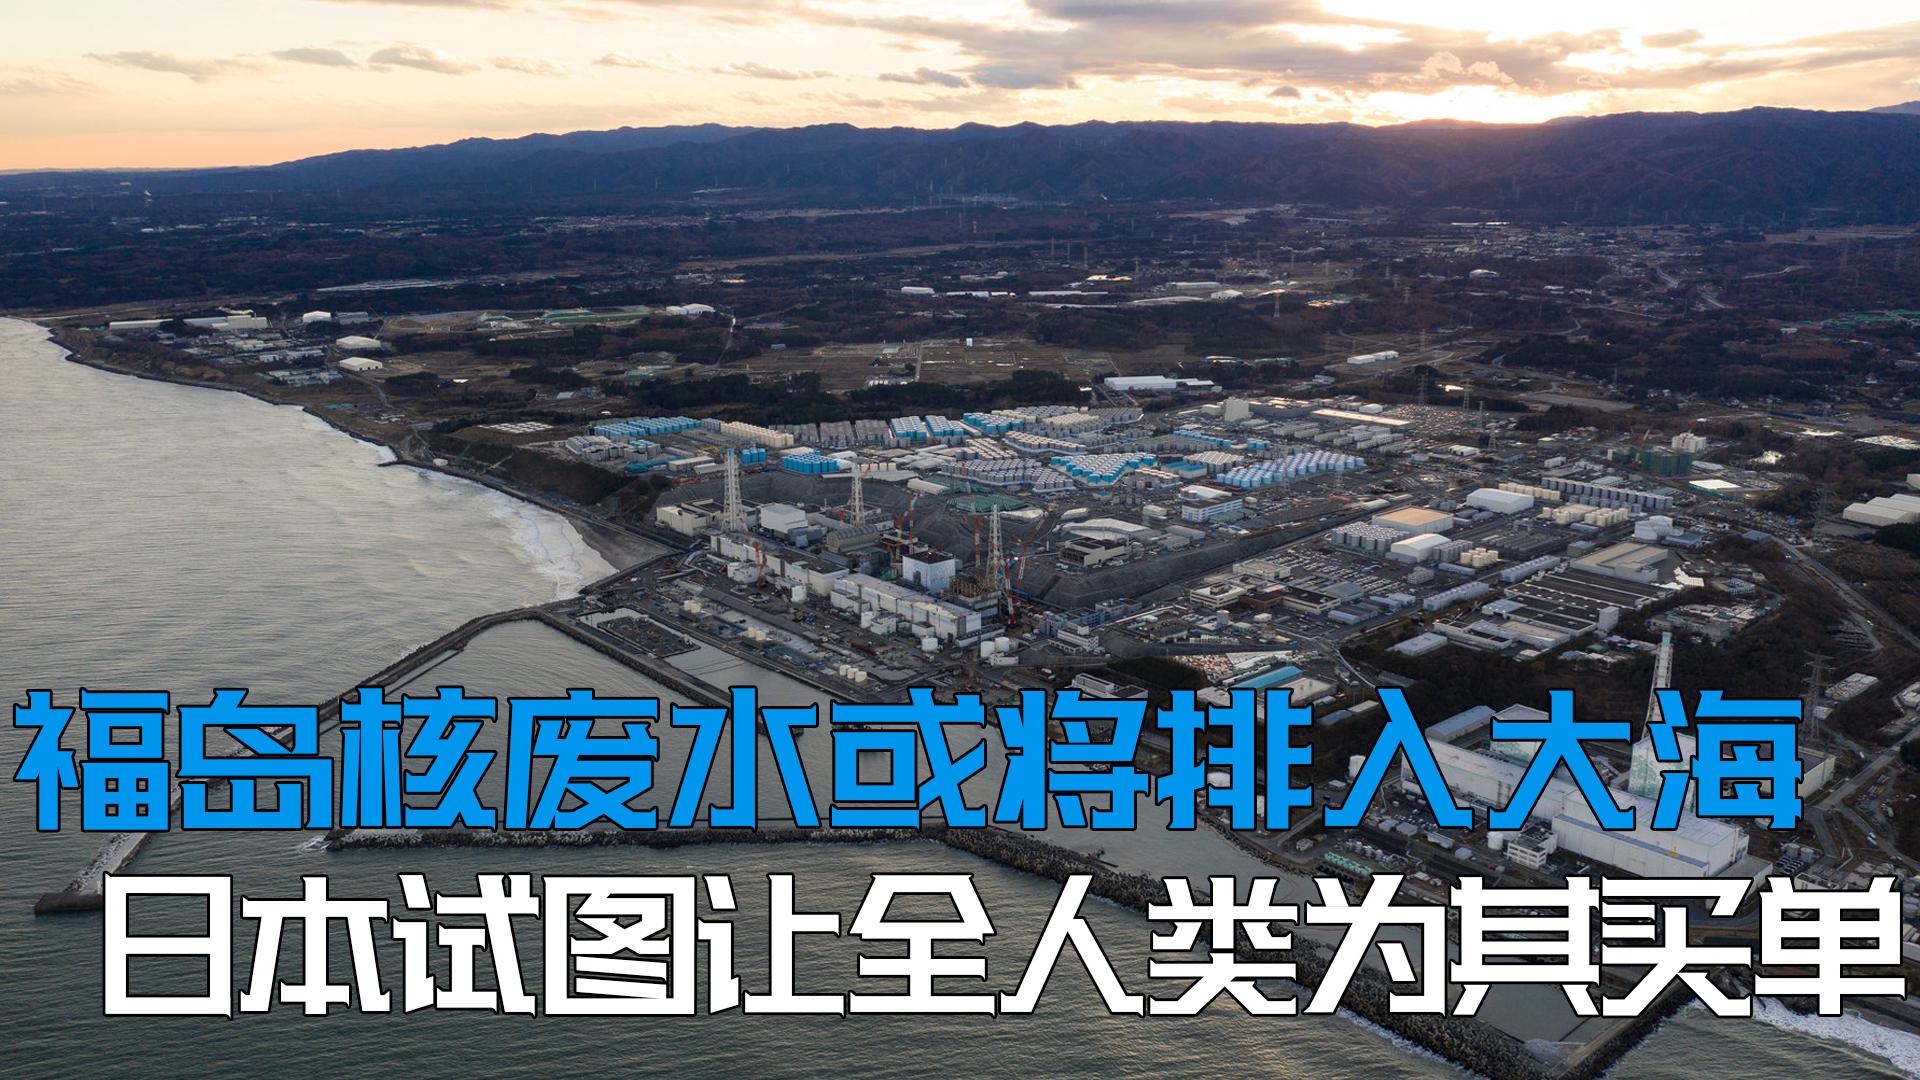 日本要将福岛核电站核废水排入大海?精日怎么还不出征?